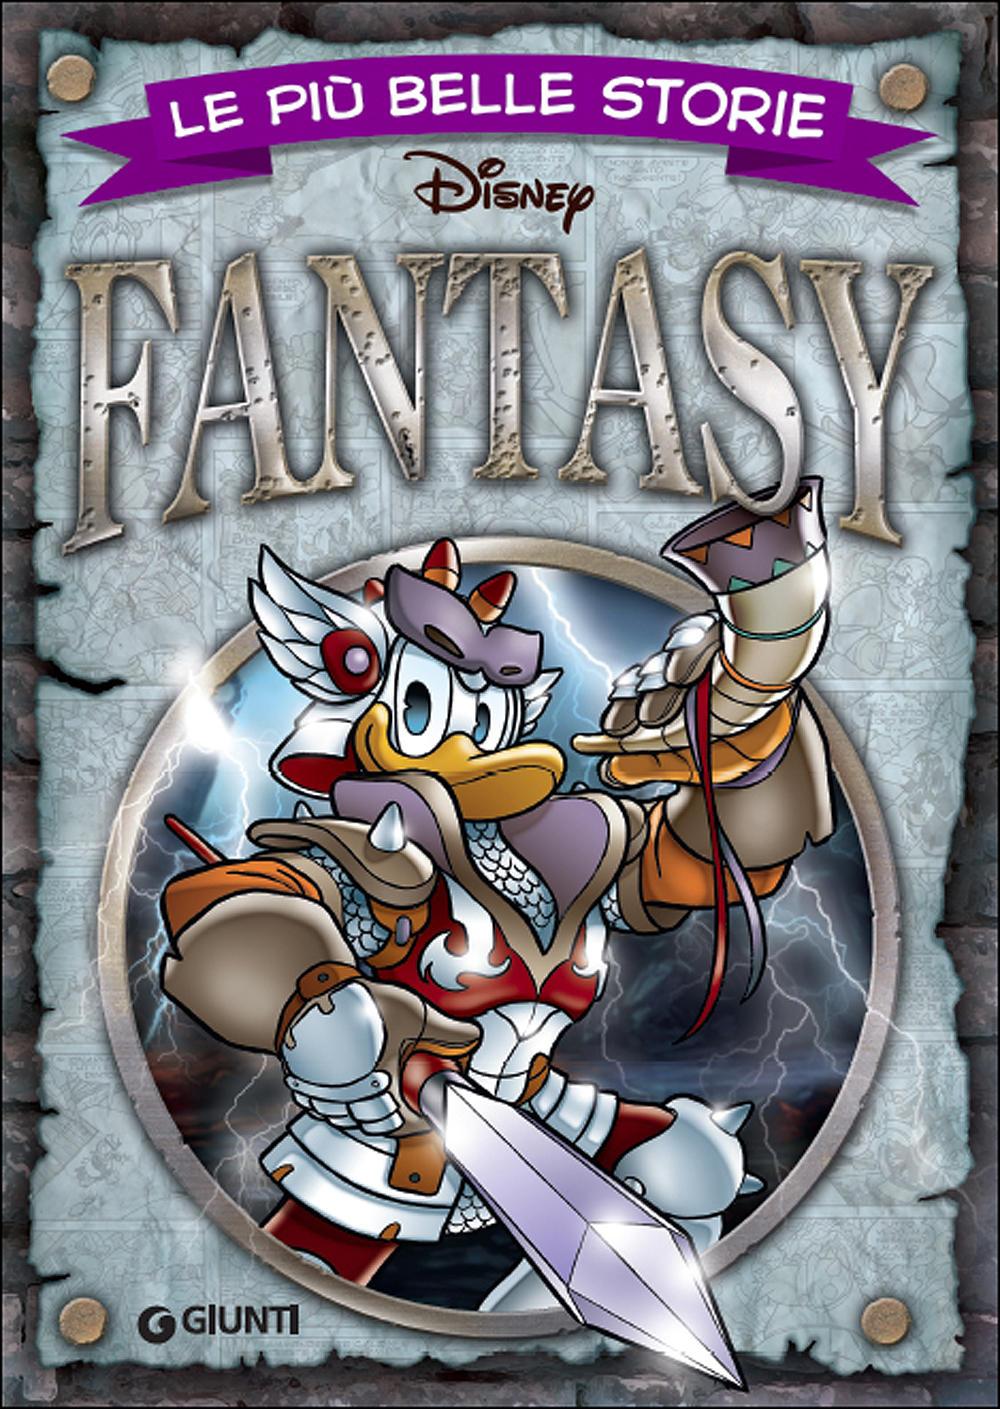 Le più belle storie Fantasy